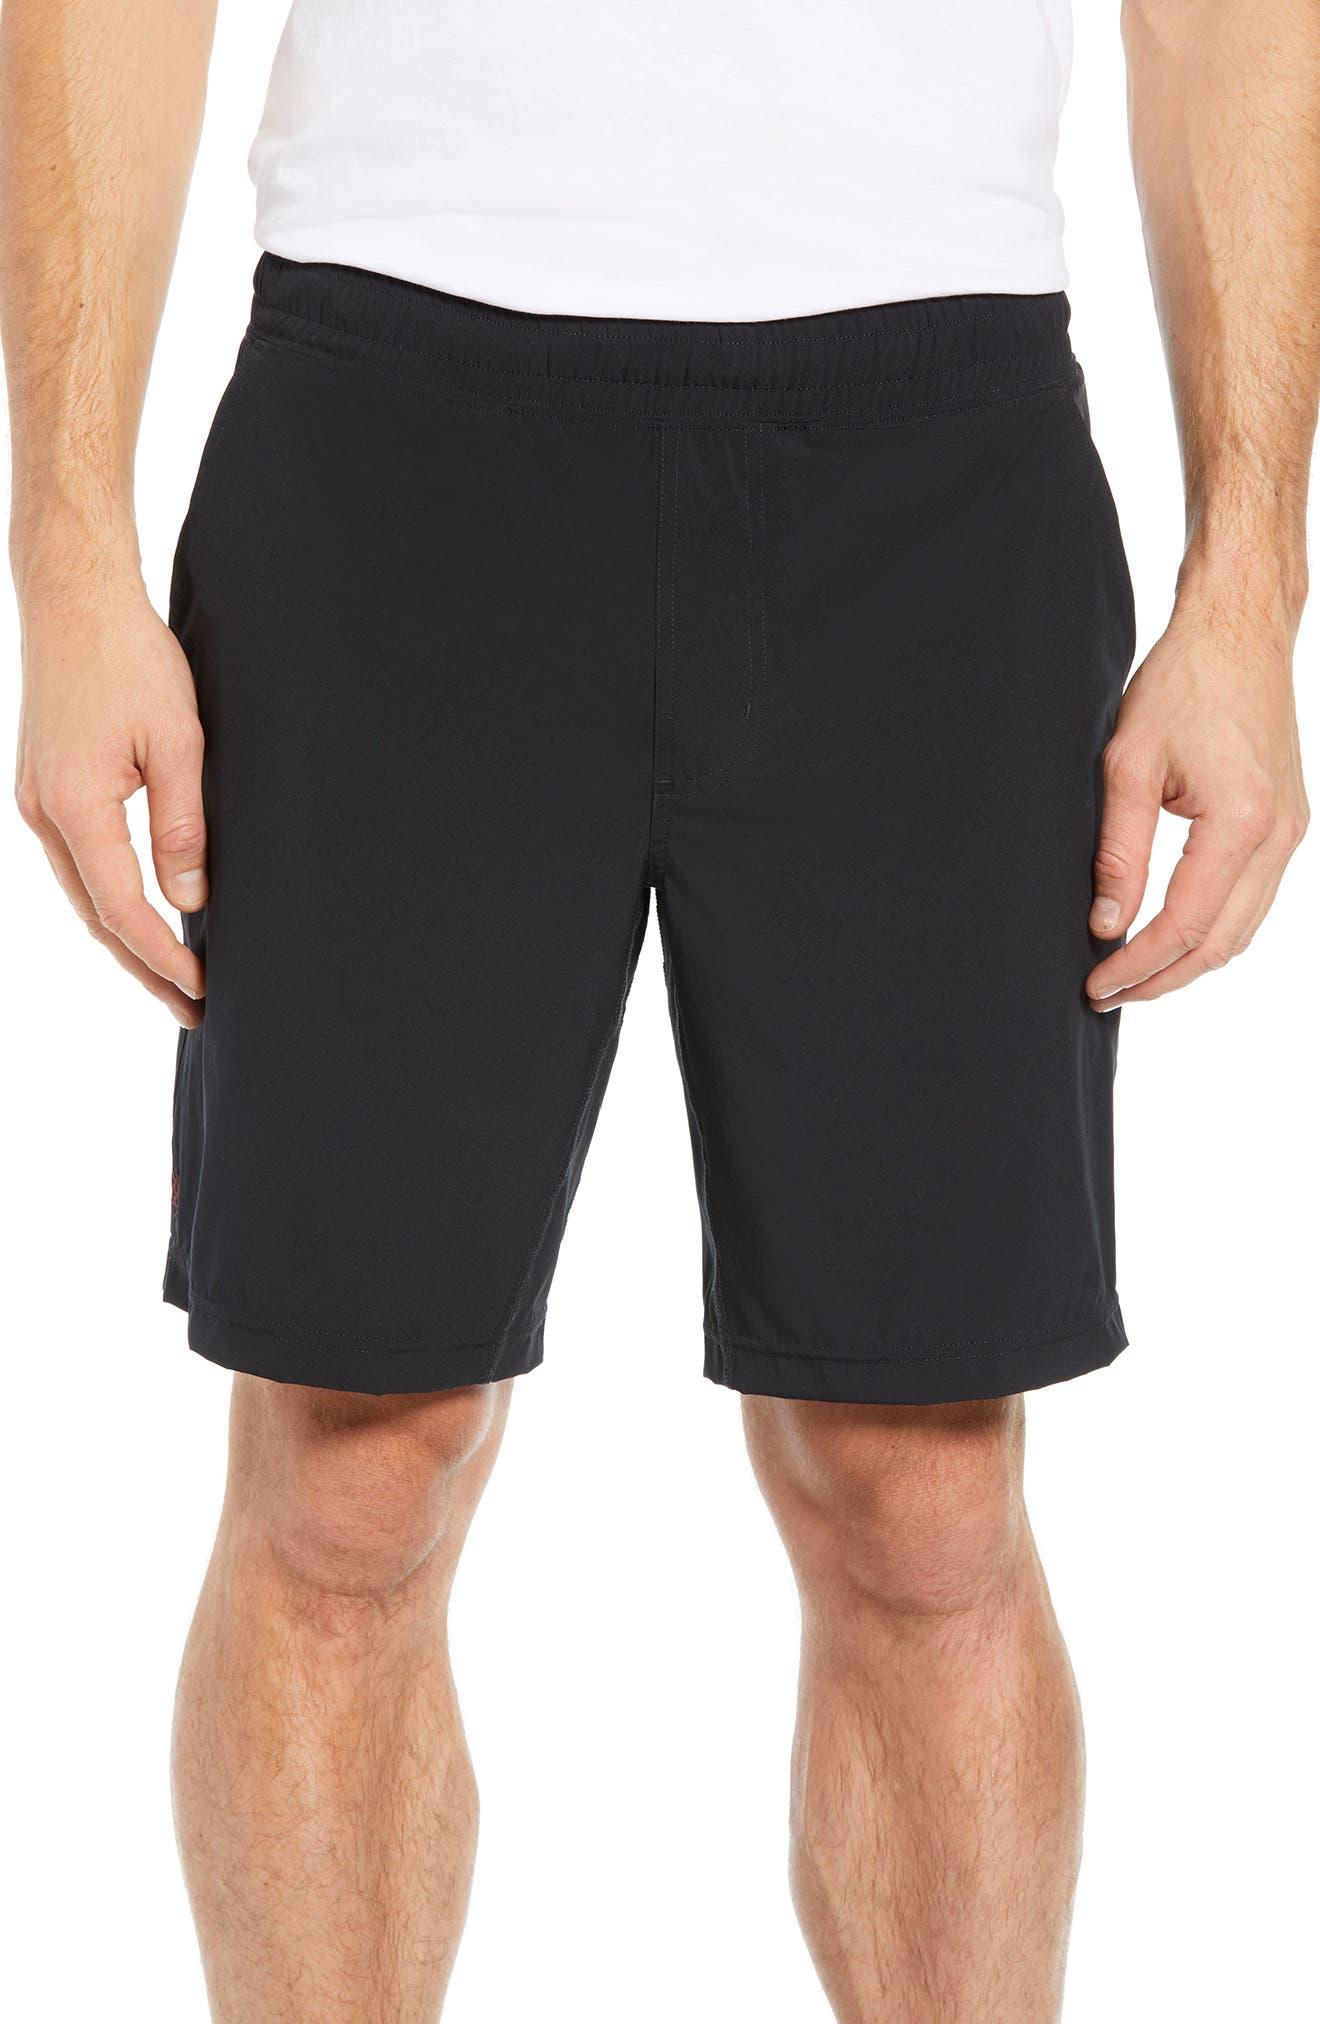 RHONE, Mako Lined Shorts, Main thumbnail 1, color, BLACK